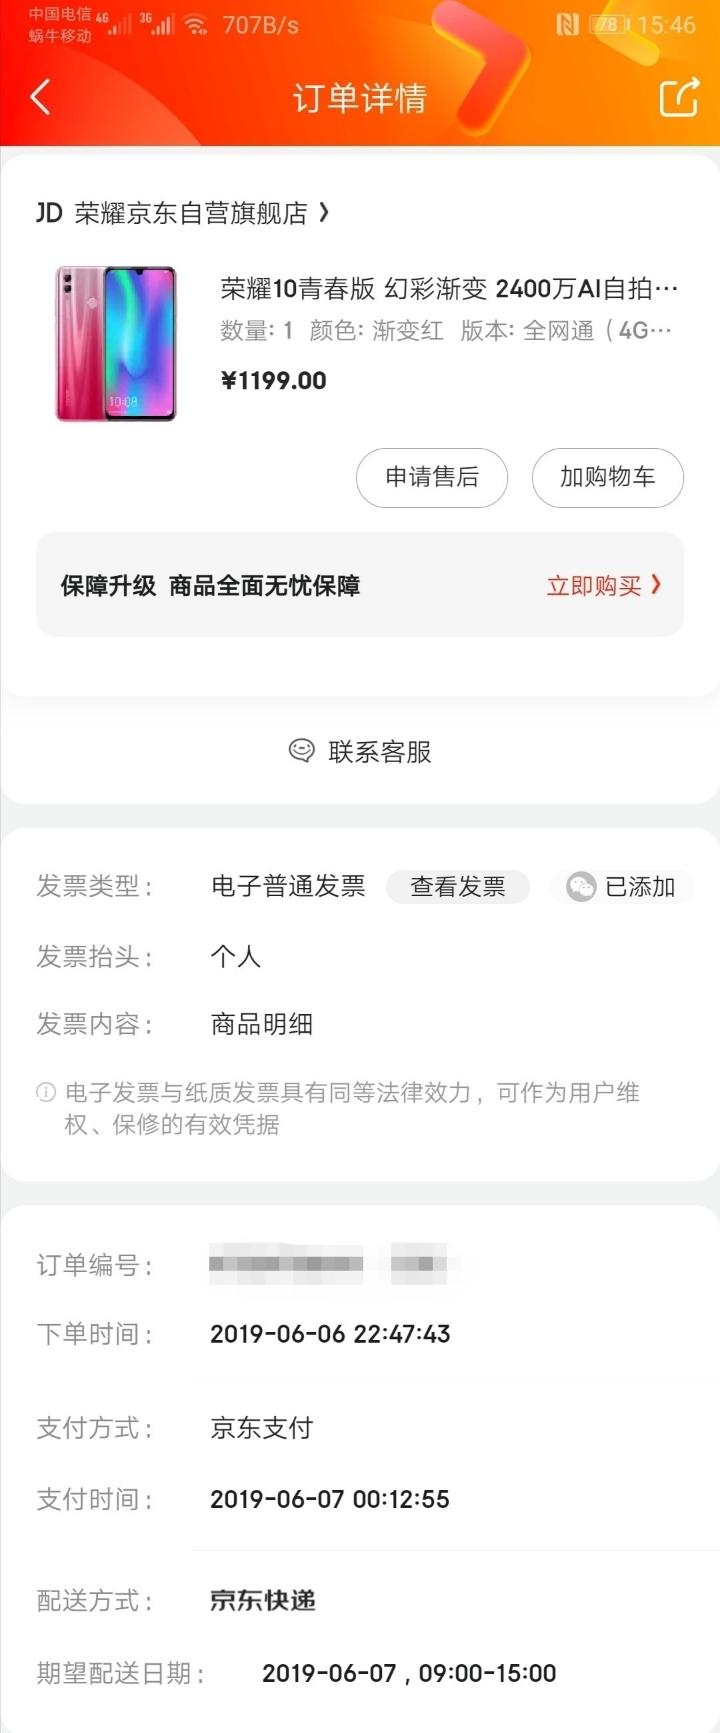 Screenshot_20190612_154736.jpg